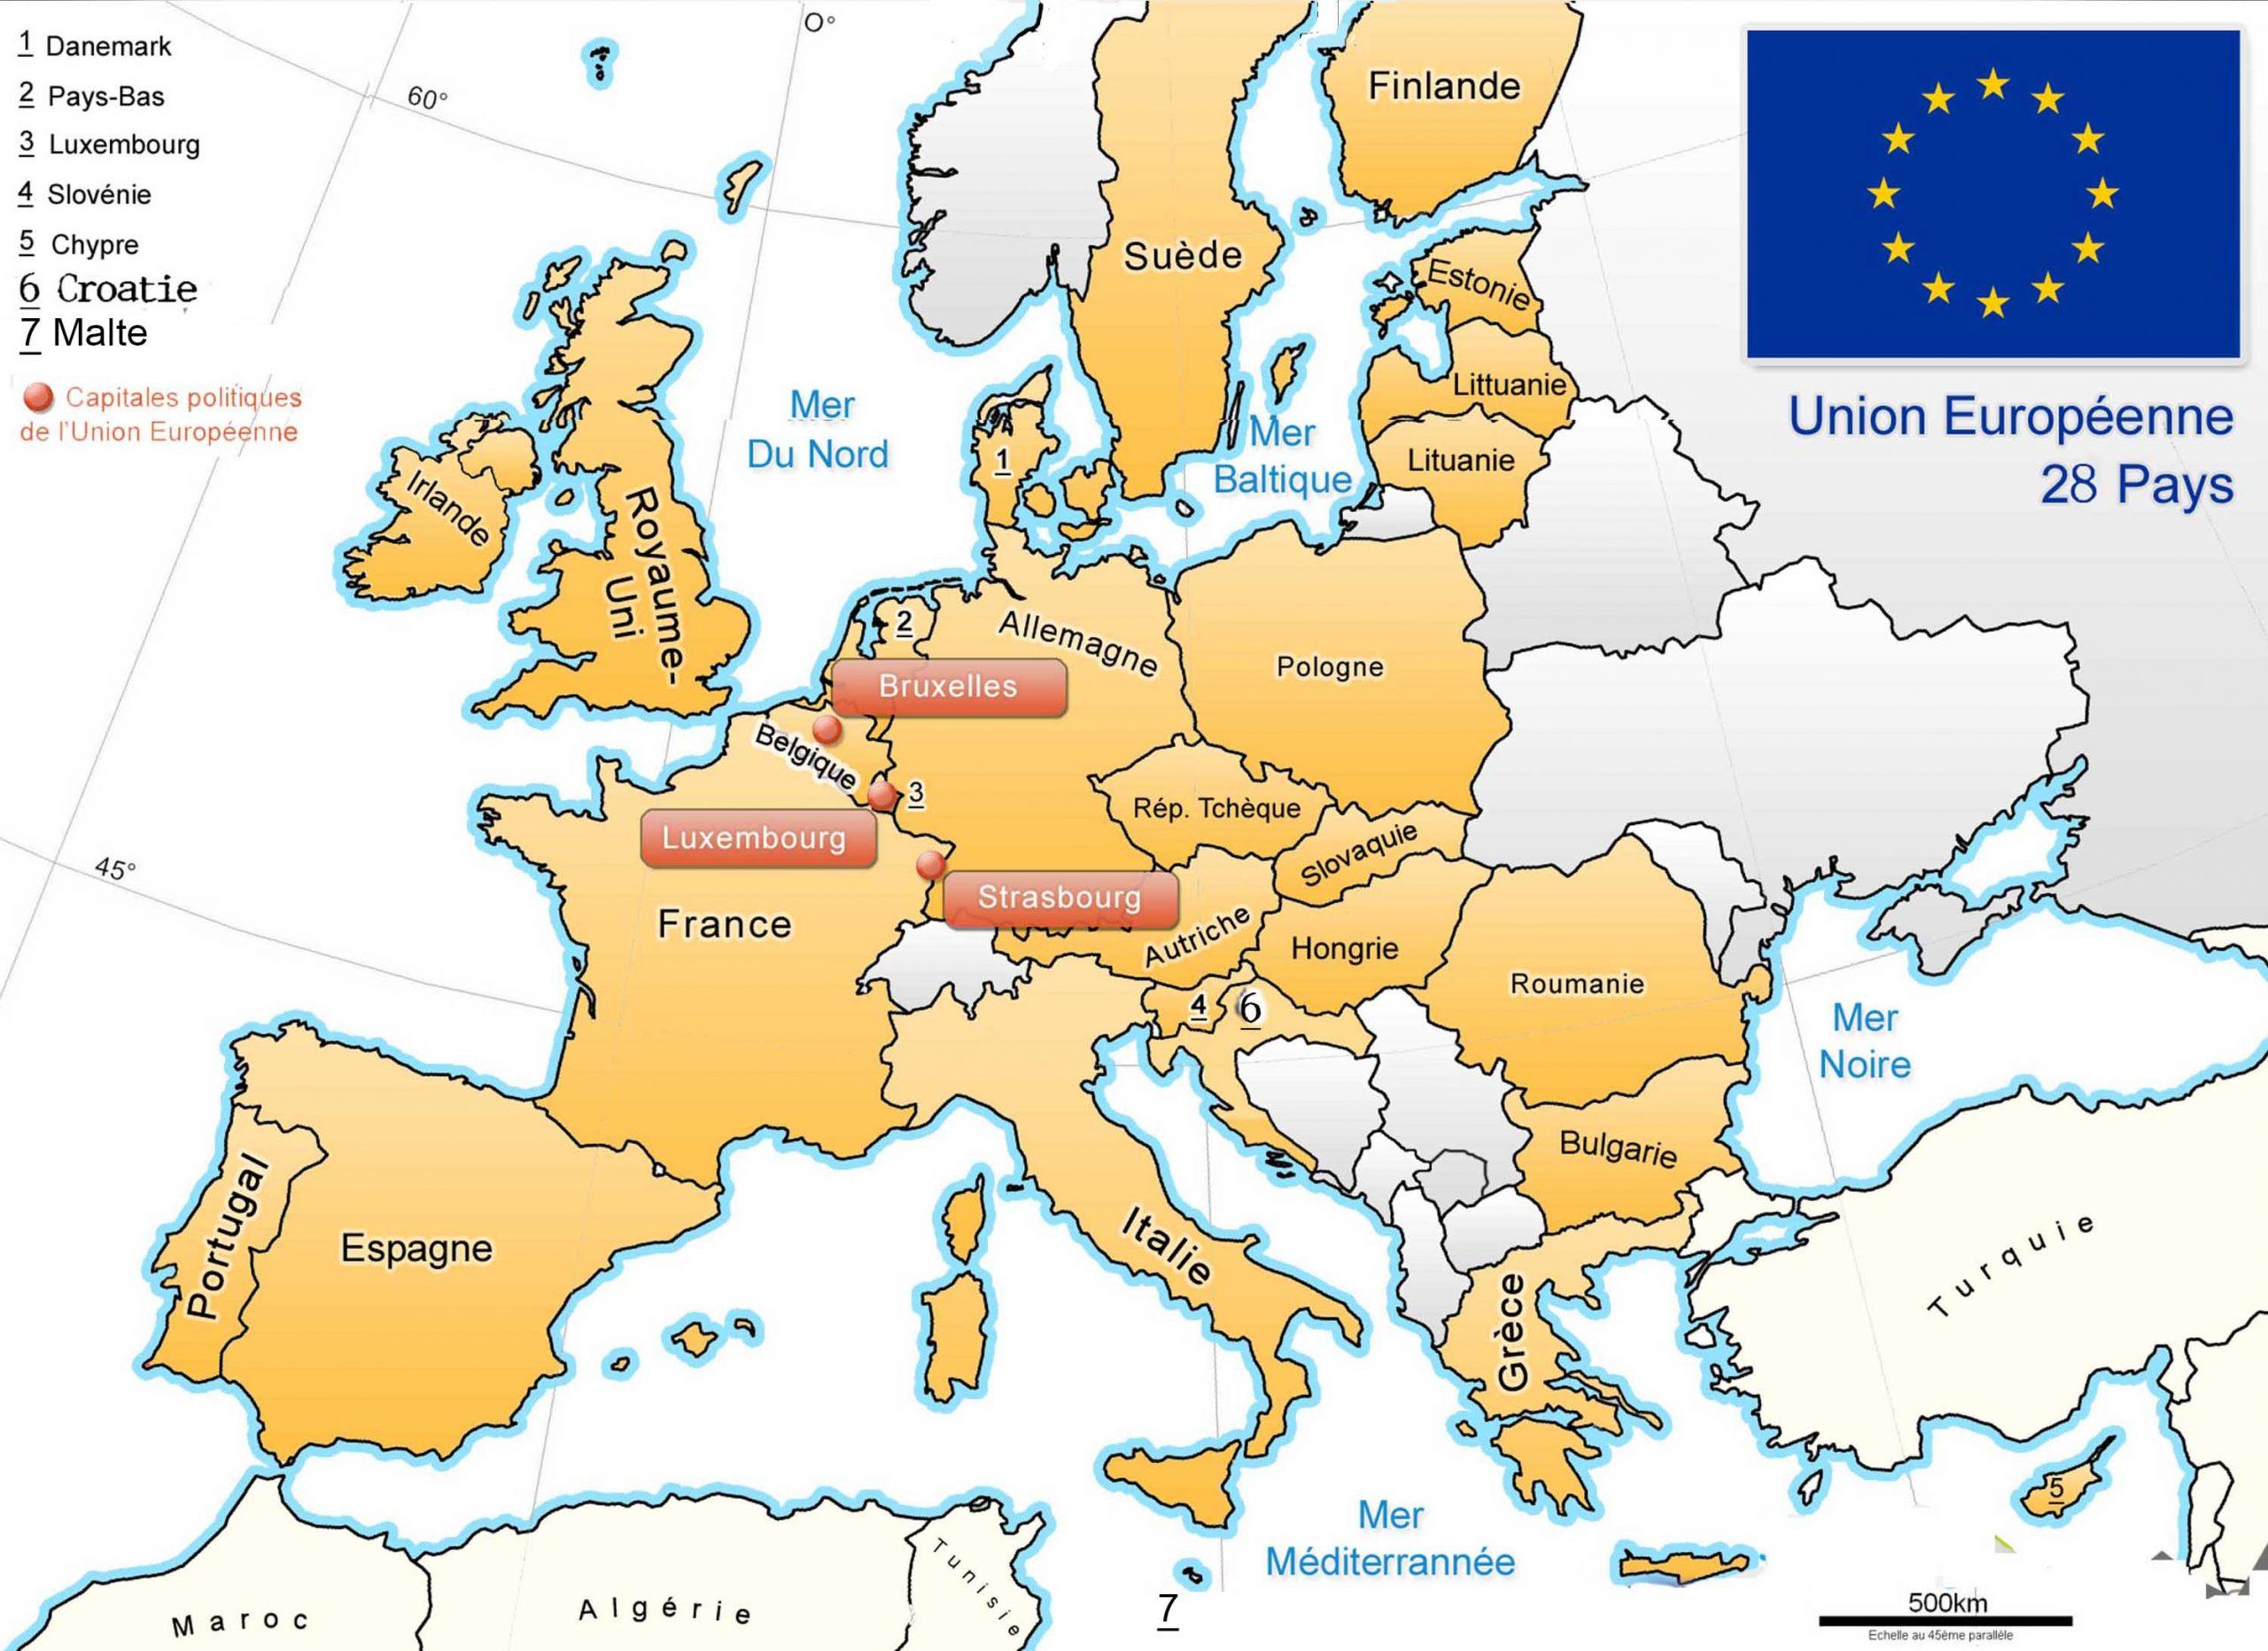 Apprendre À Placer Les Pays De L' Union Européenne - Le Blog concernant Carte D Europe À Imprimer